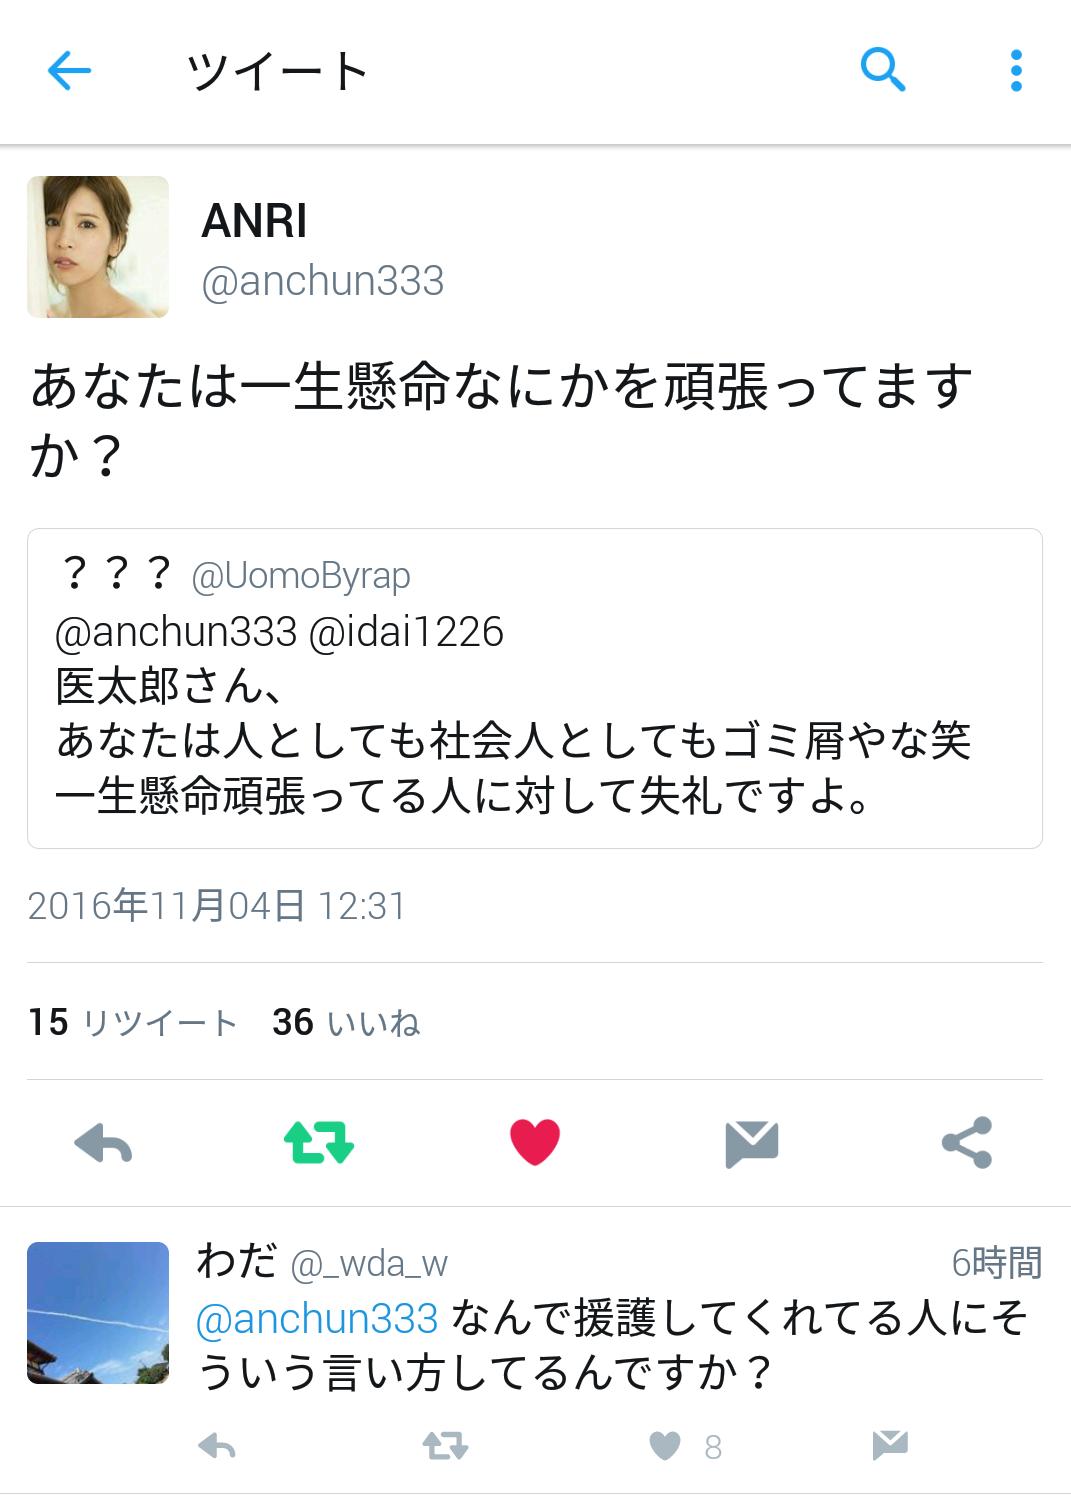 坂口杏里「AV女優とか社会のゴミ屑」ツイートに激怒!「職業差別やめたら?」